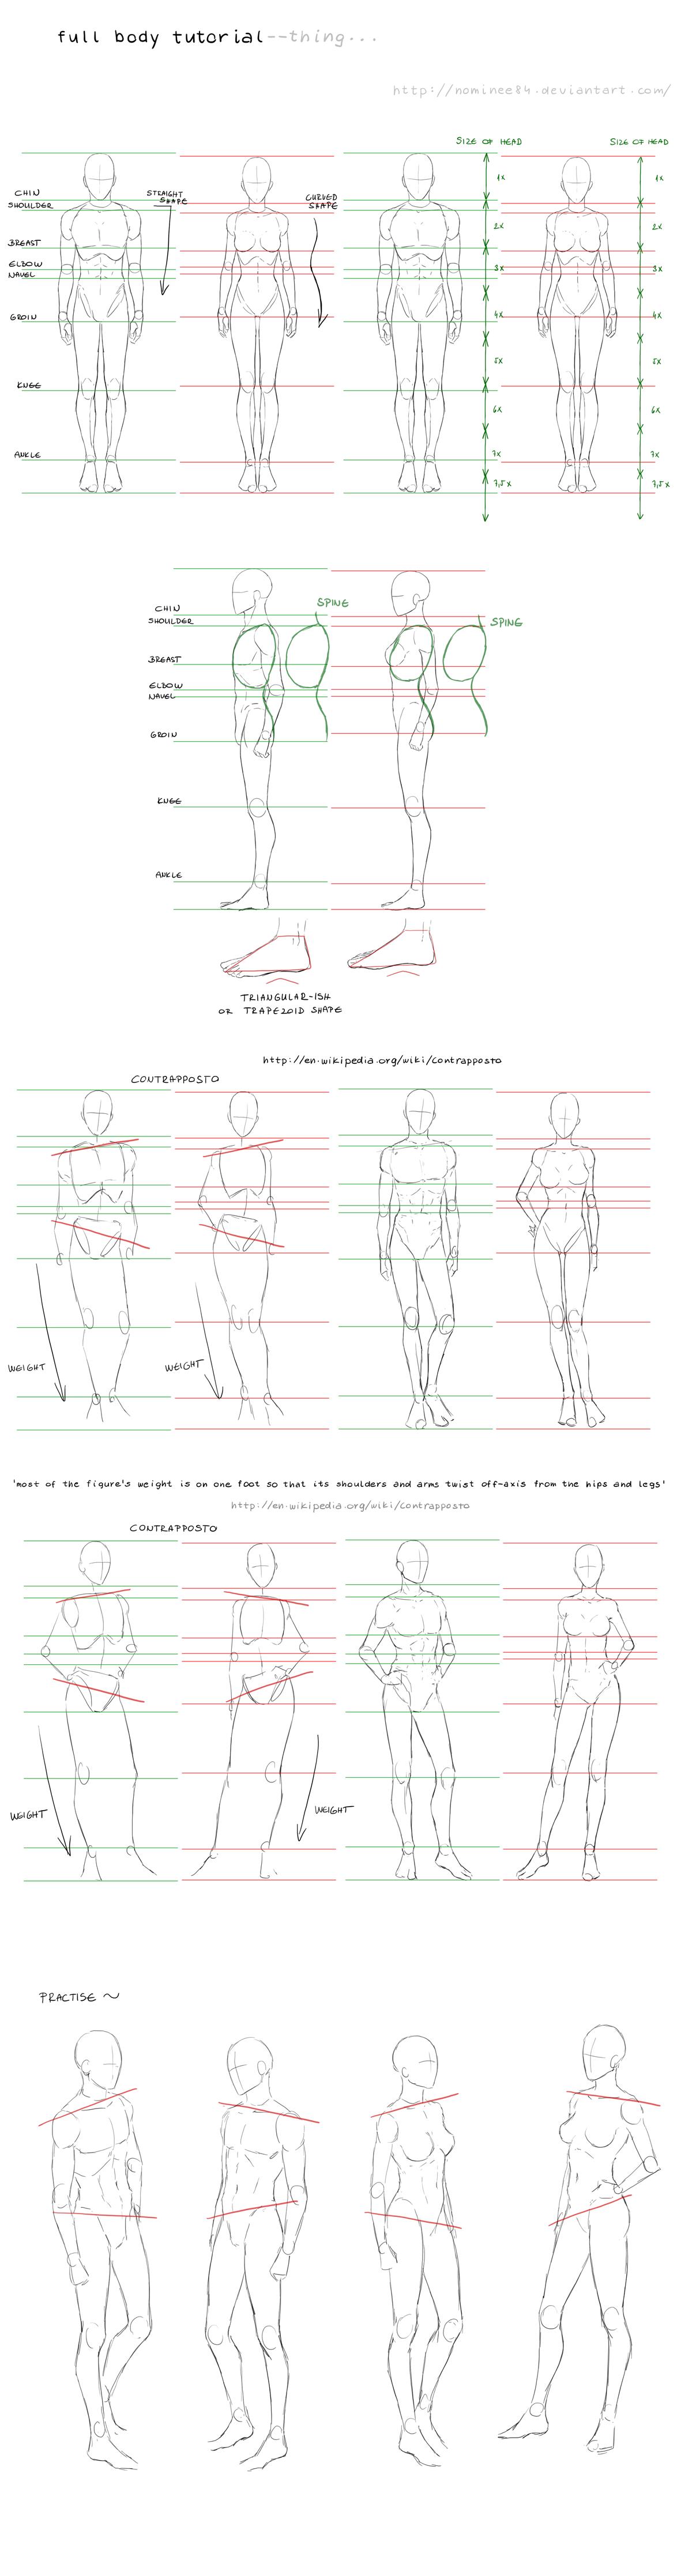 Full Body Tutorial By Nominee84 On Deviantart